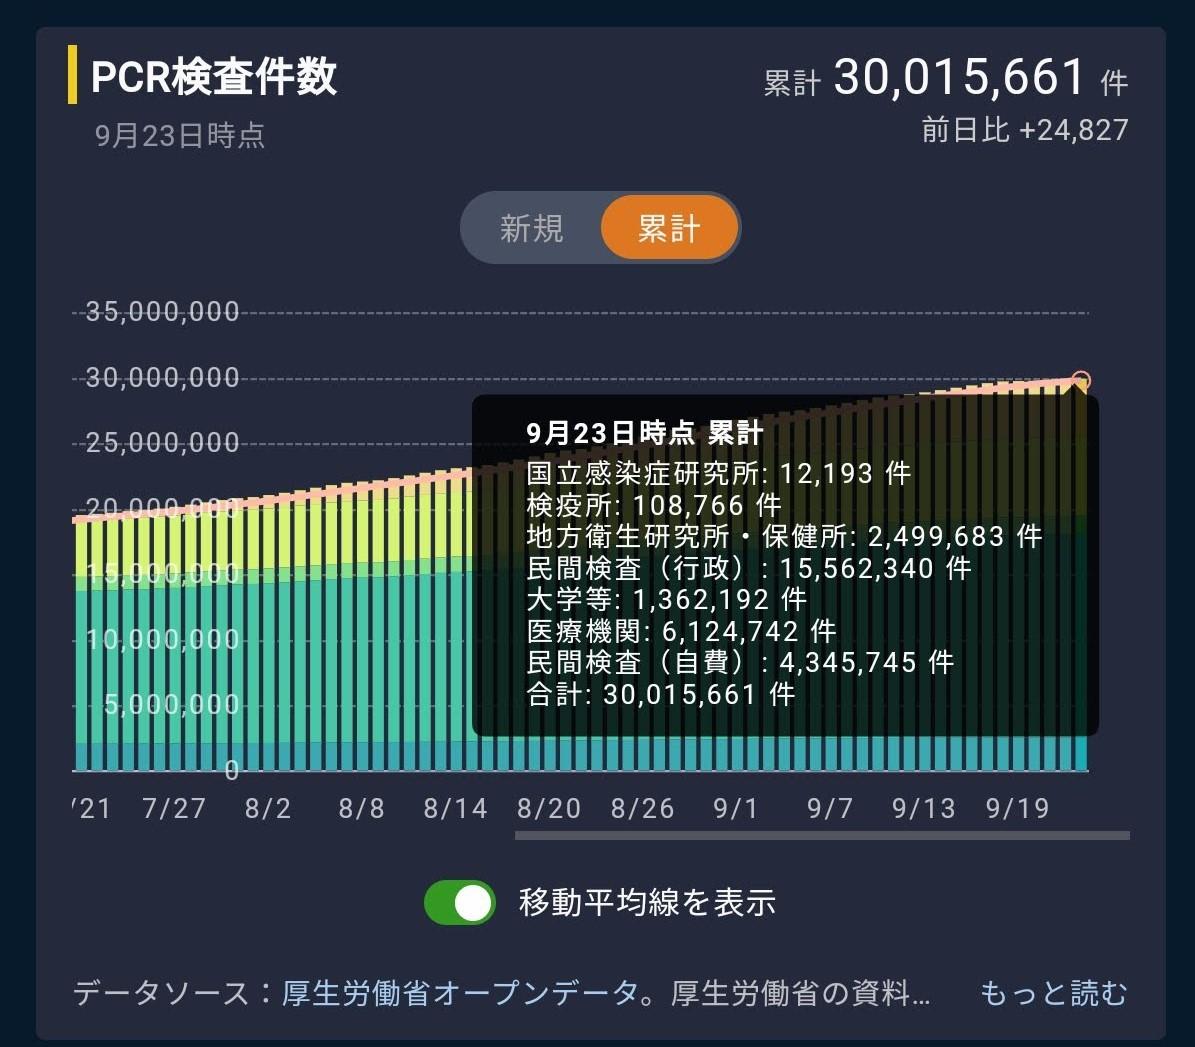 f:id:toranosuke_blog:20210930152003j:plain